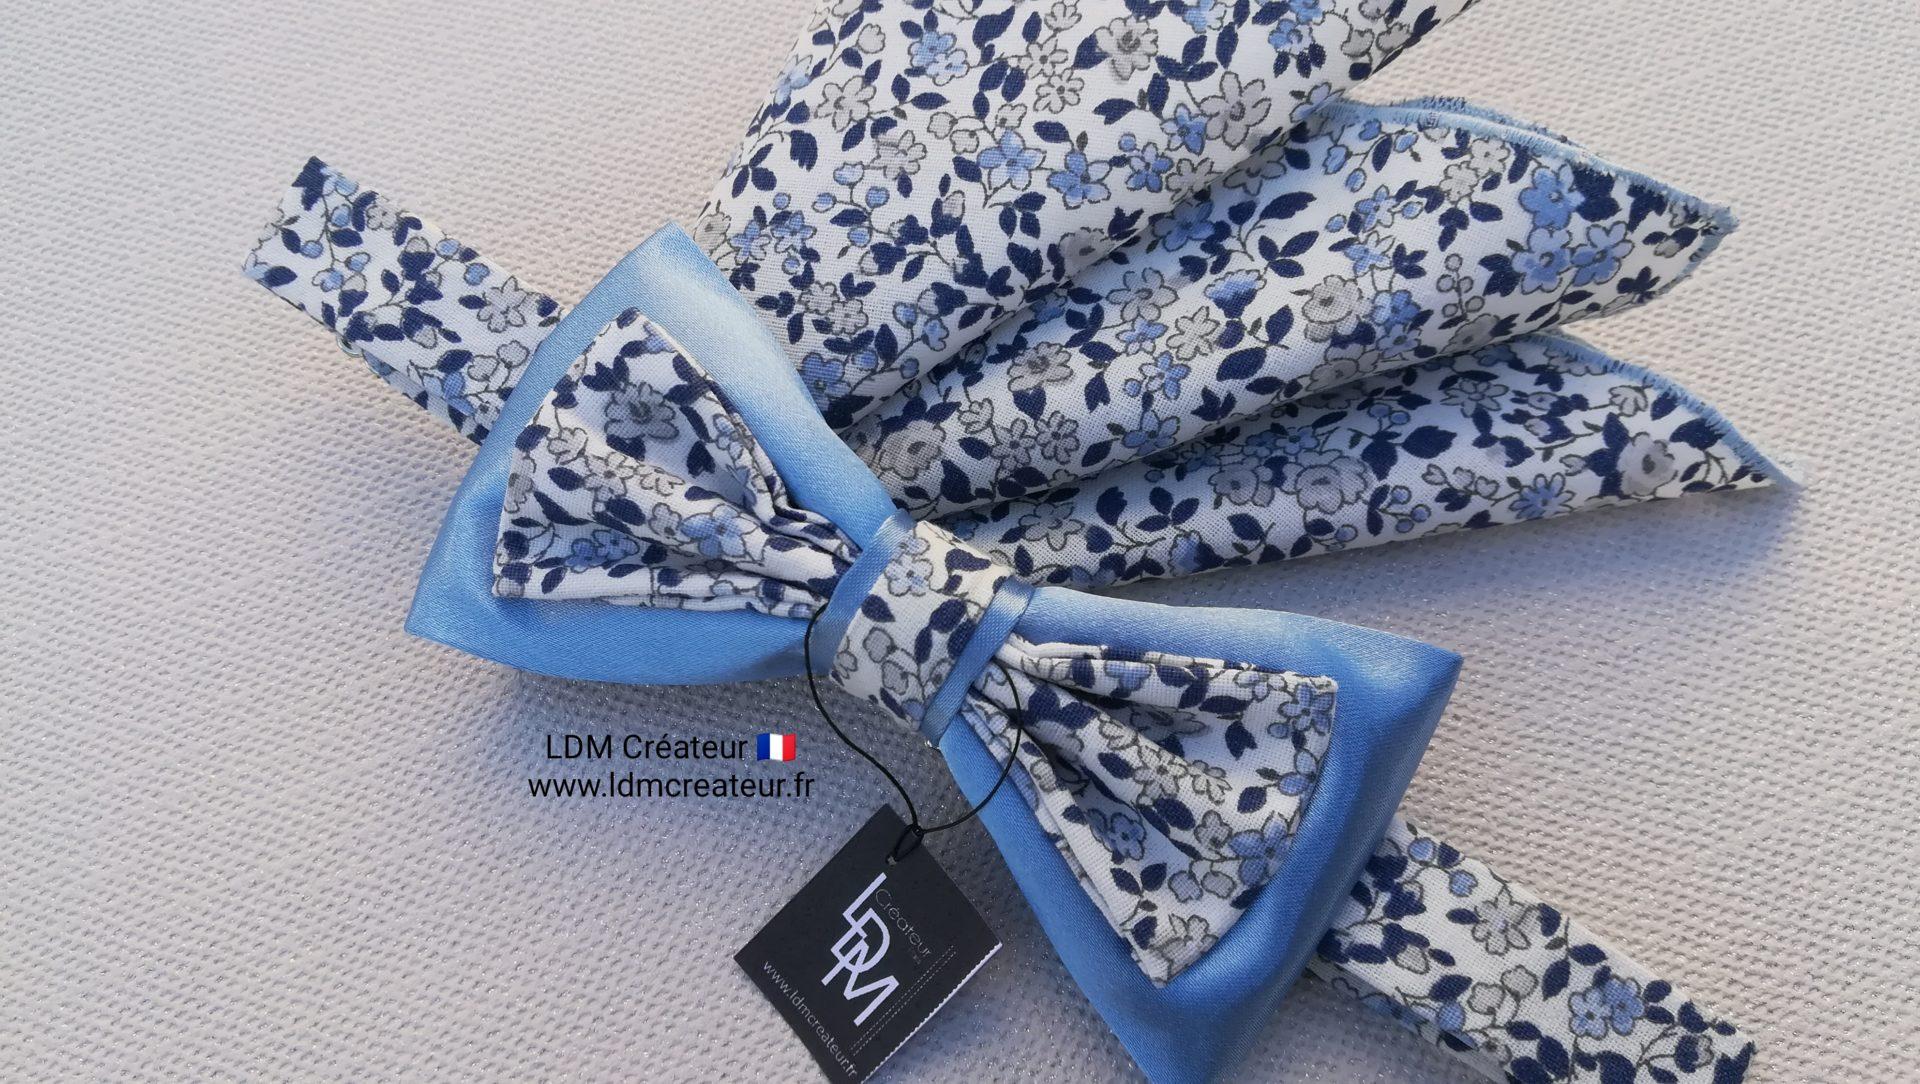 noeud-papillon-liberty-bleu-champetre-mariage-Monflanquin-LDM-createur-ldmcreateur